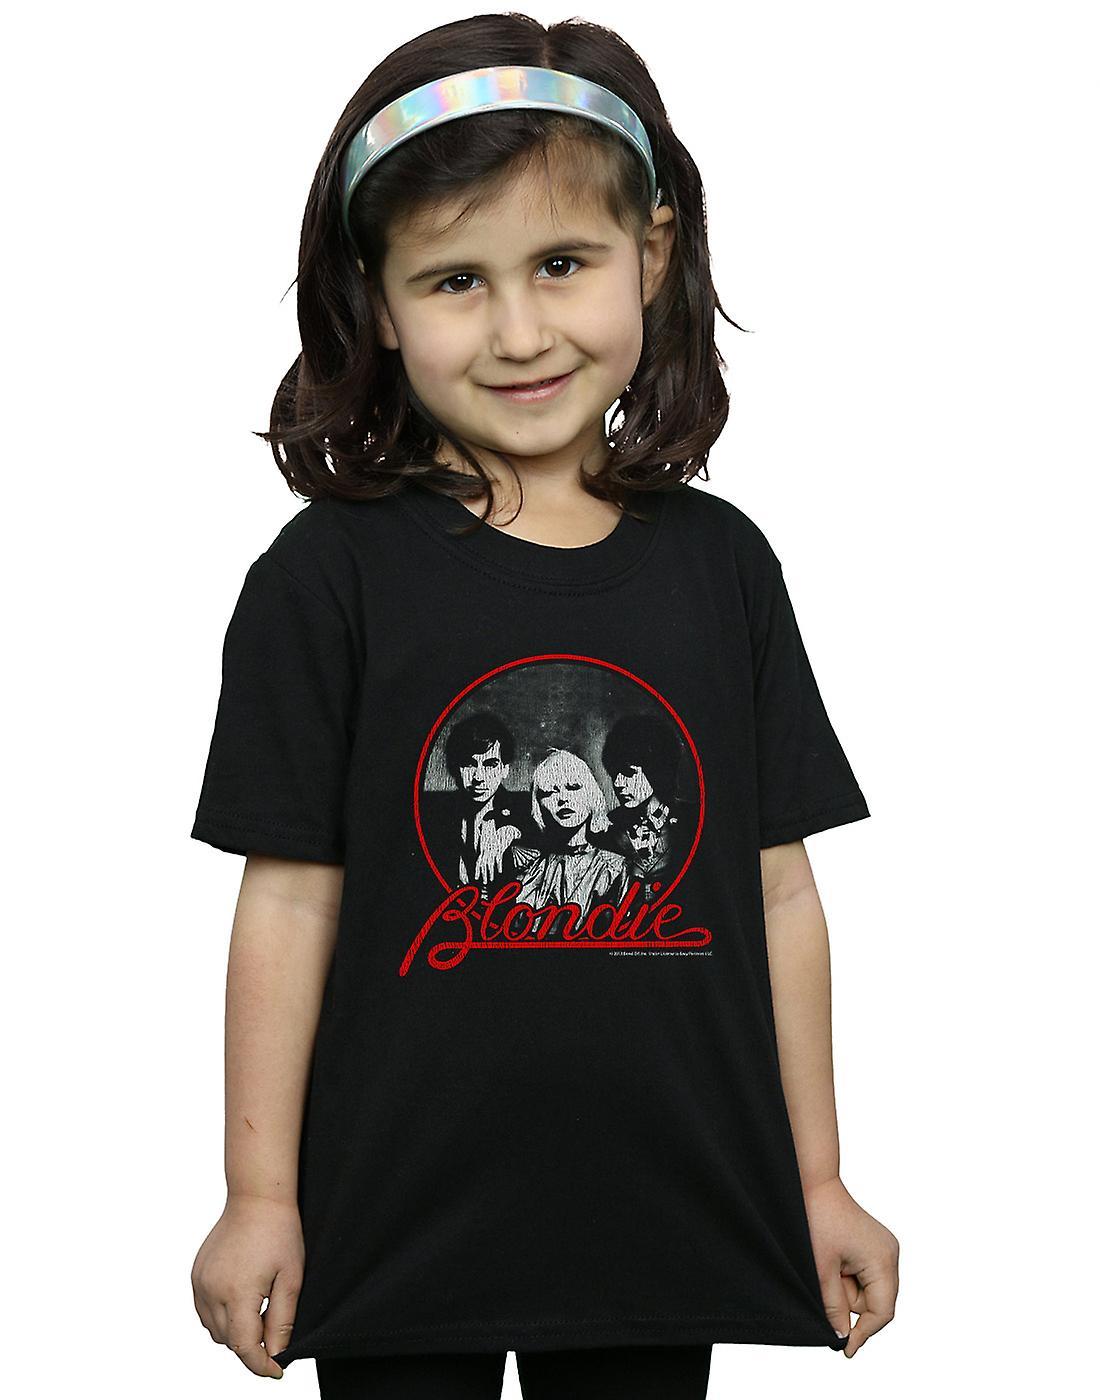 Blondie Girls Distressed Circle T-Shirt